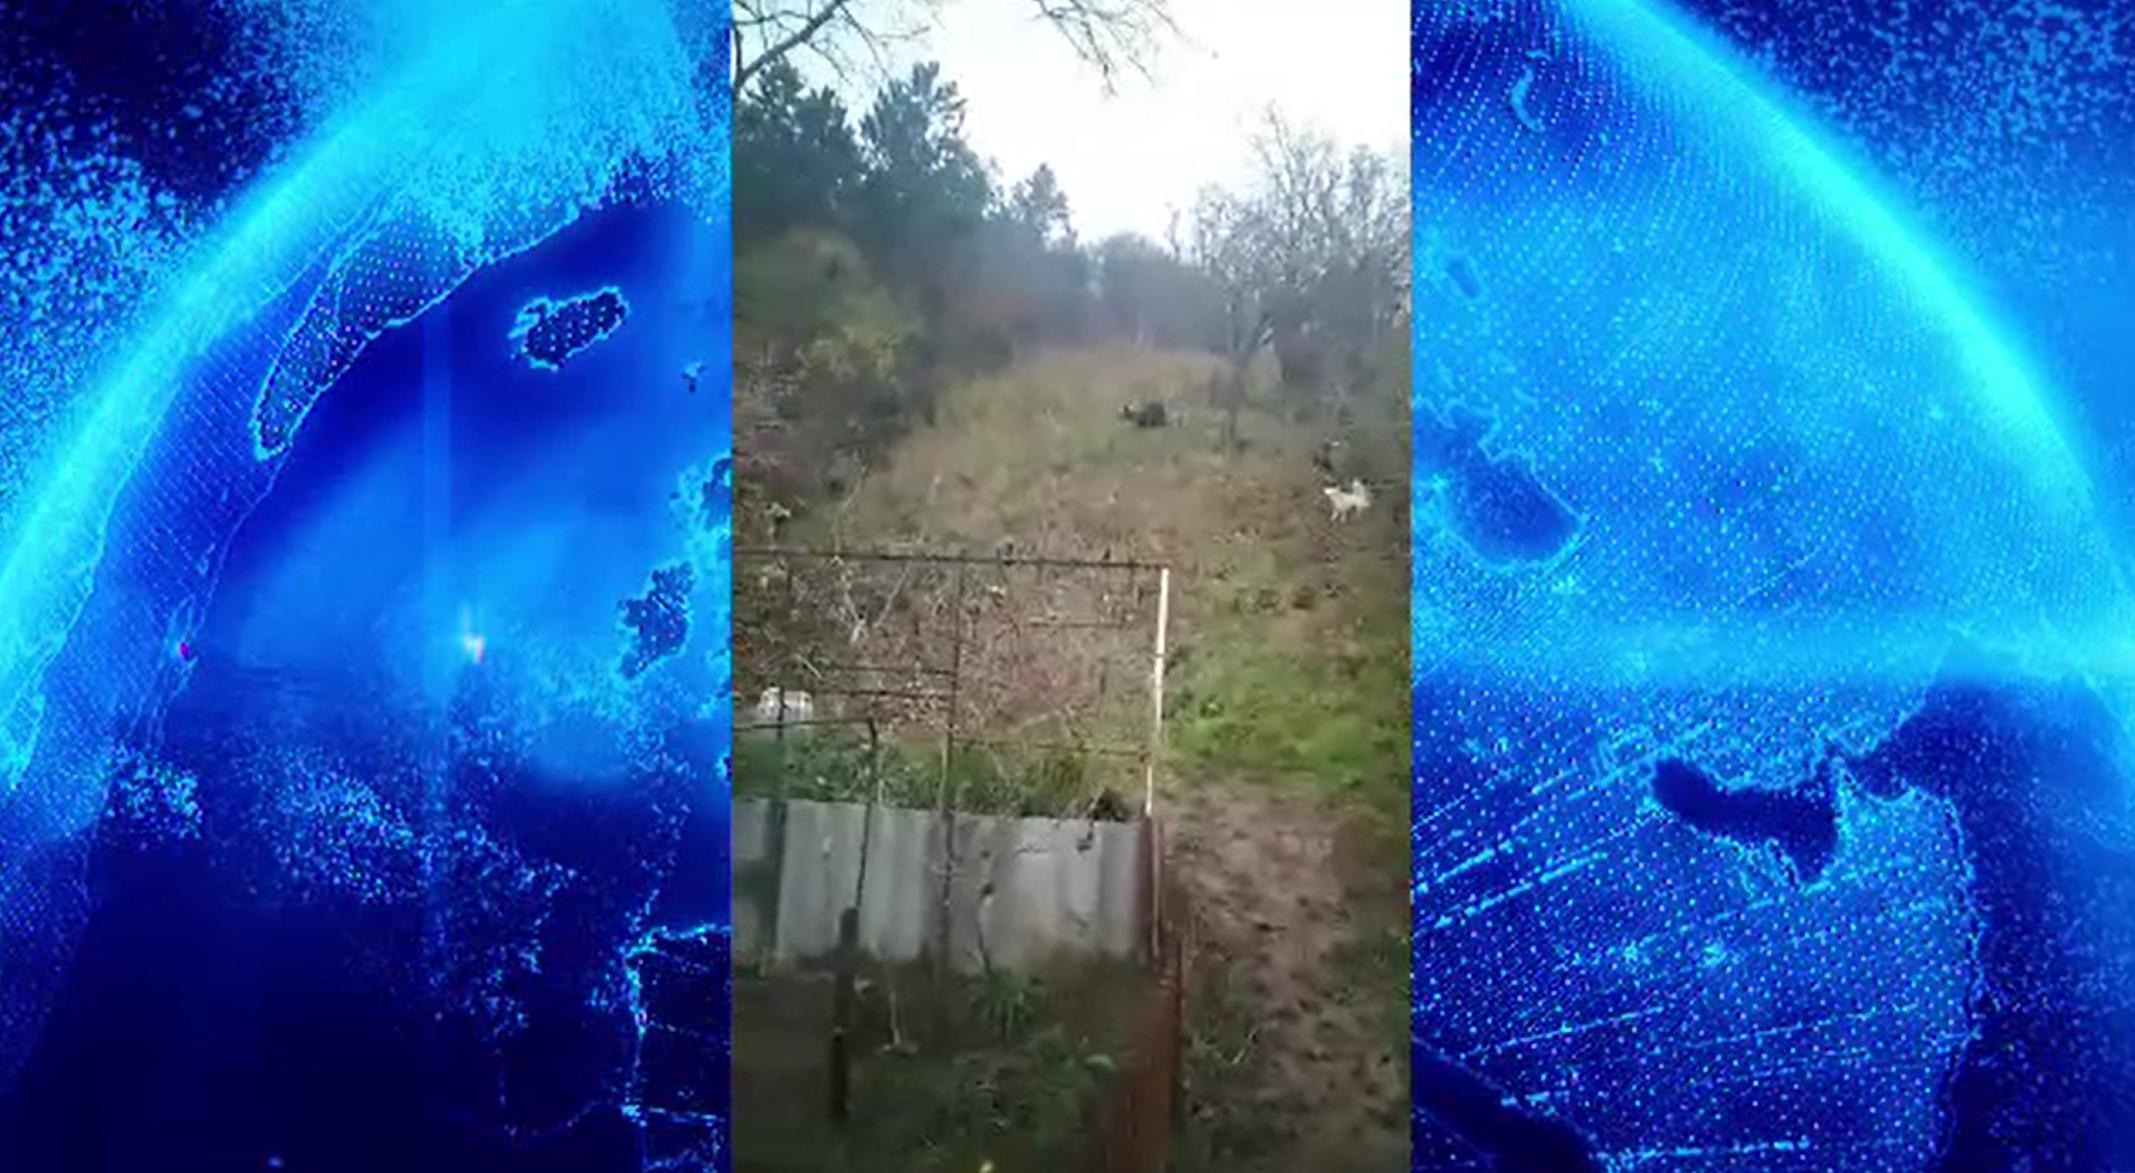 Cetățenii din Târgu Mureș, avertizați prin RO-Alert după ce un urs a fost văzut în oraș